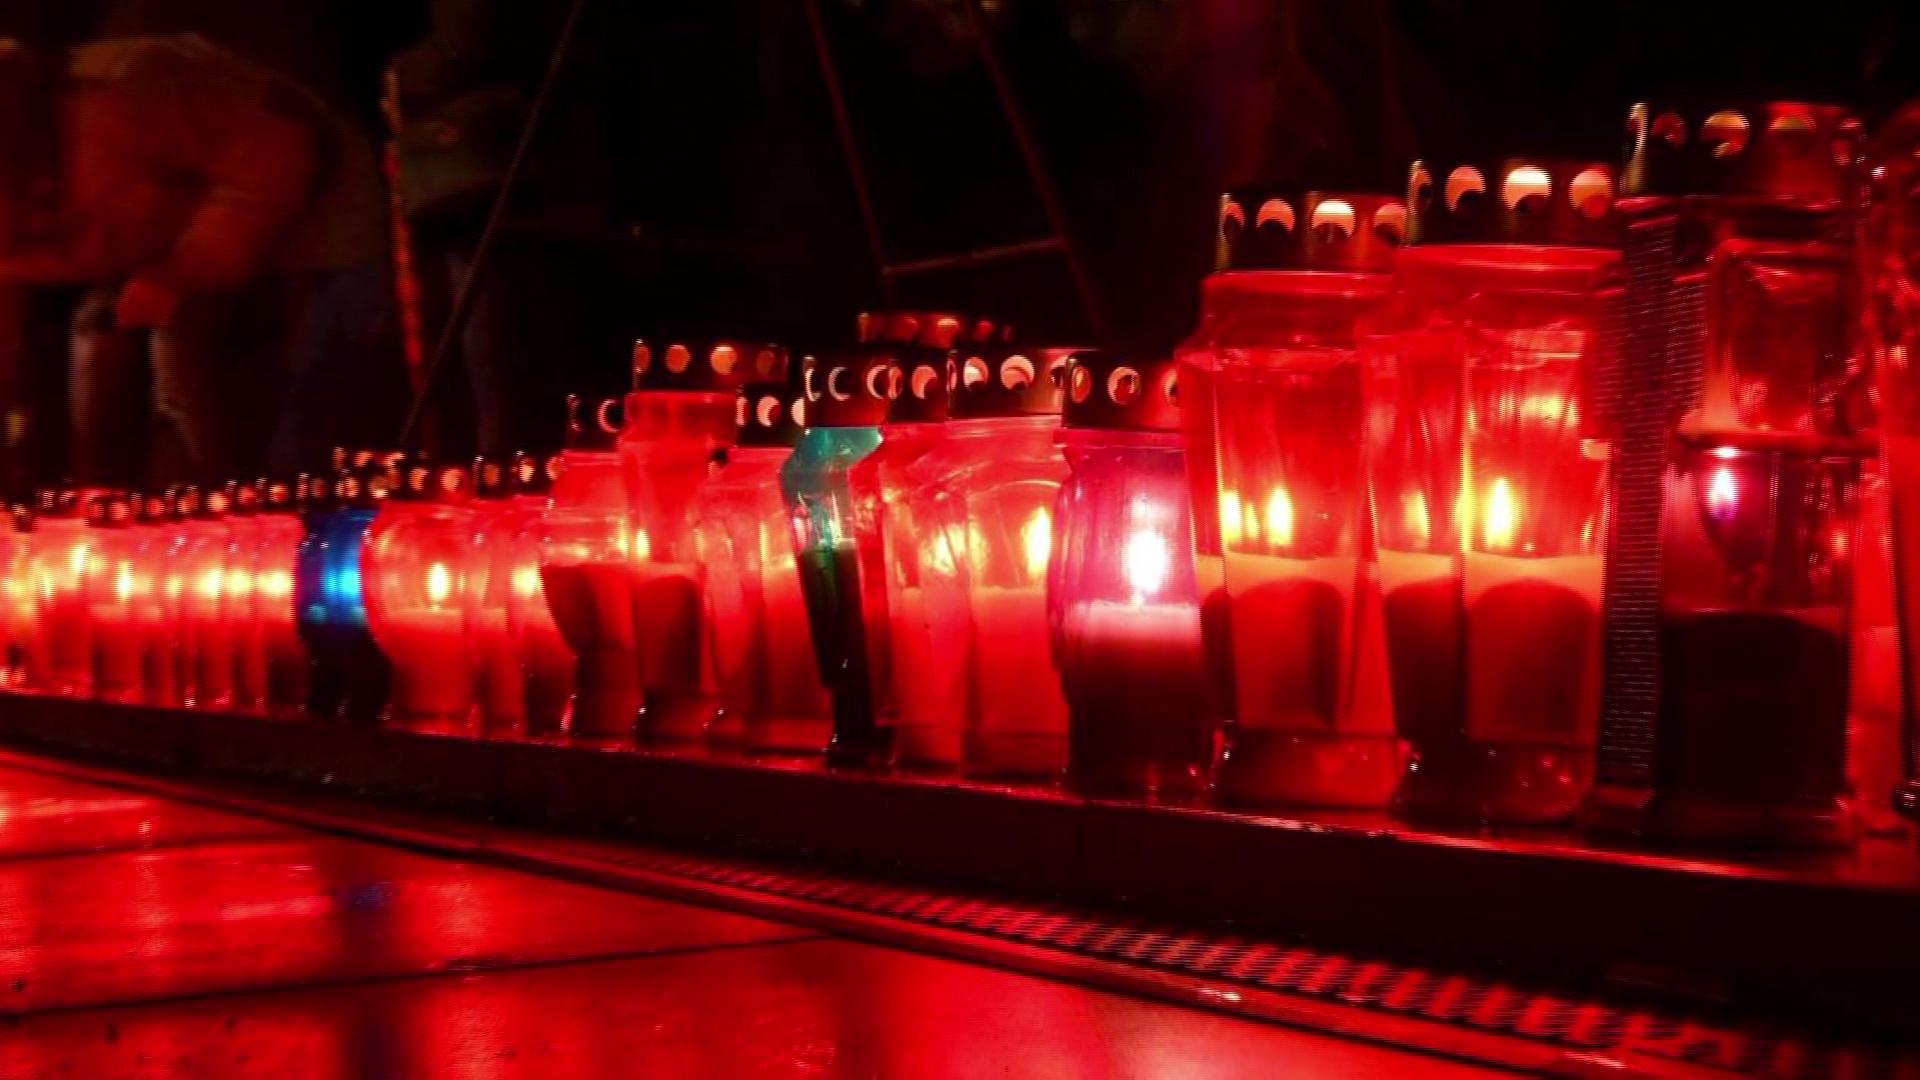 Lutje dhe qirinj të ndezur në Mostar për Praljak